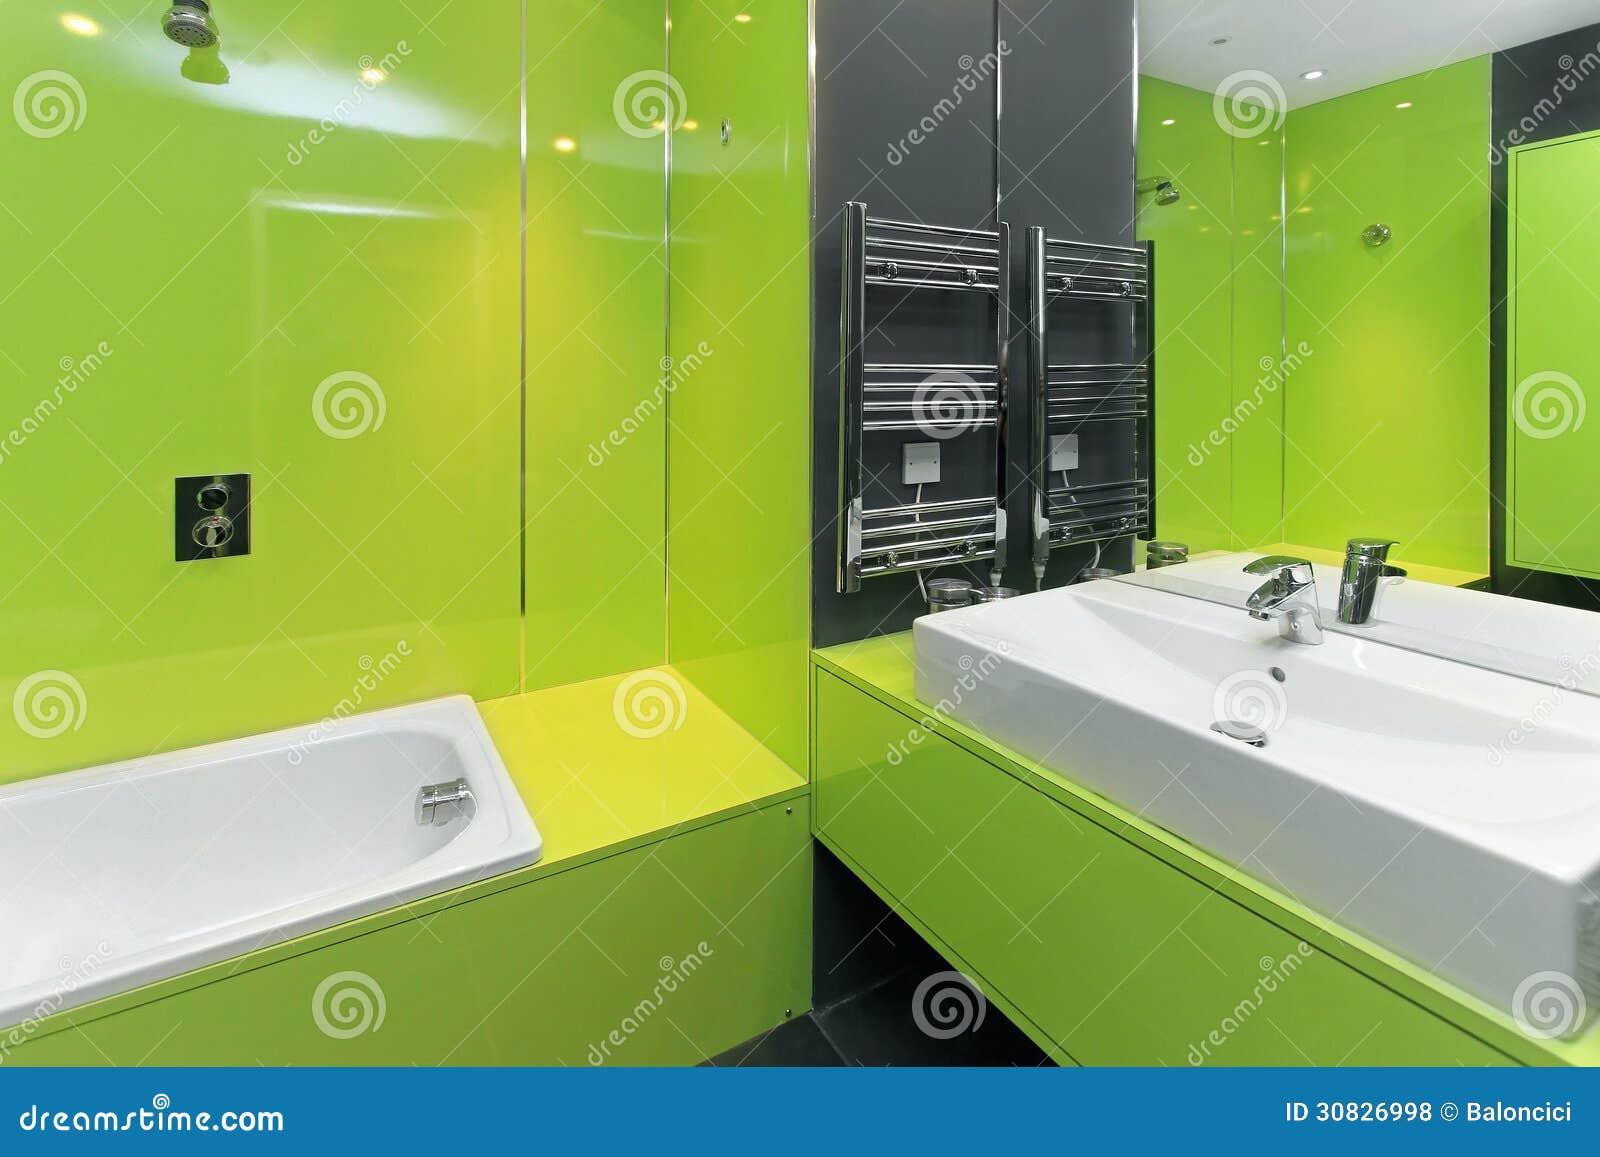 Grünes Badezimmer stockfoto. Bild von badewanne, badezimmer - 30826998